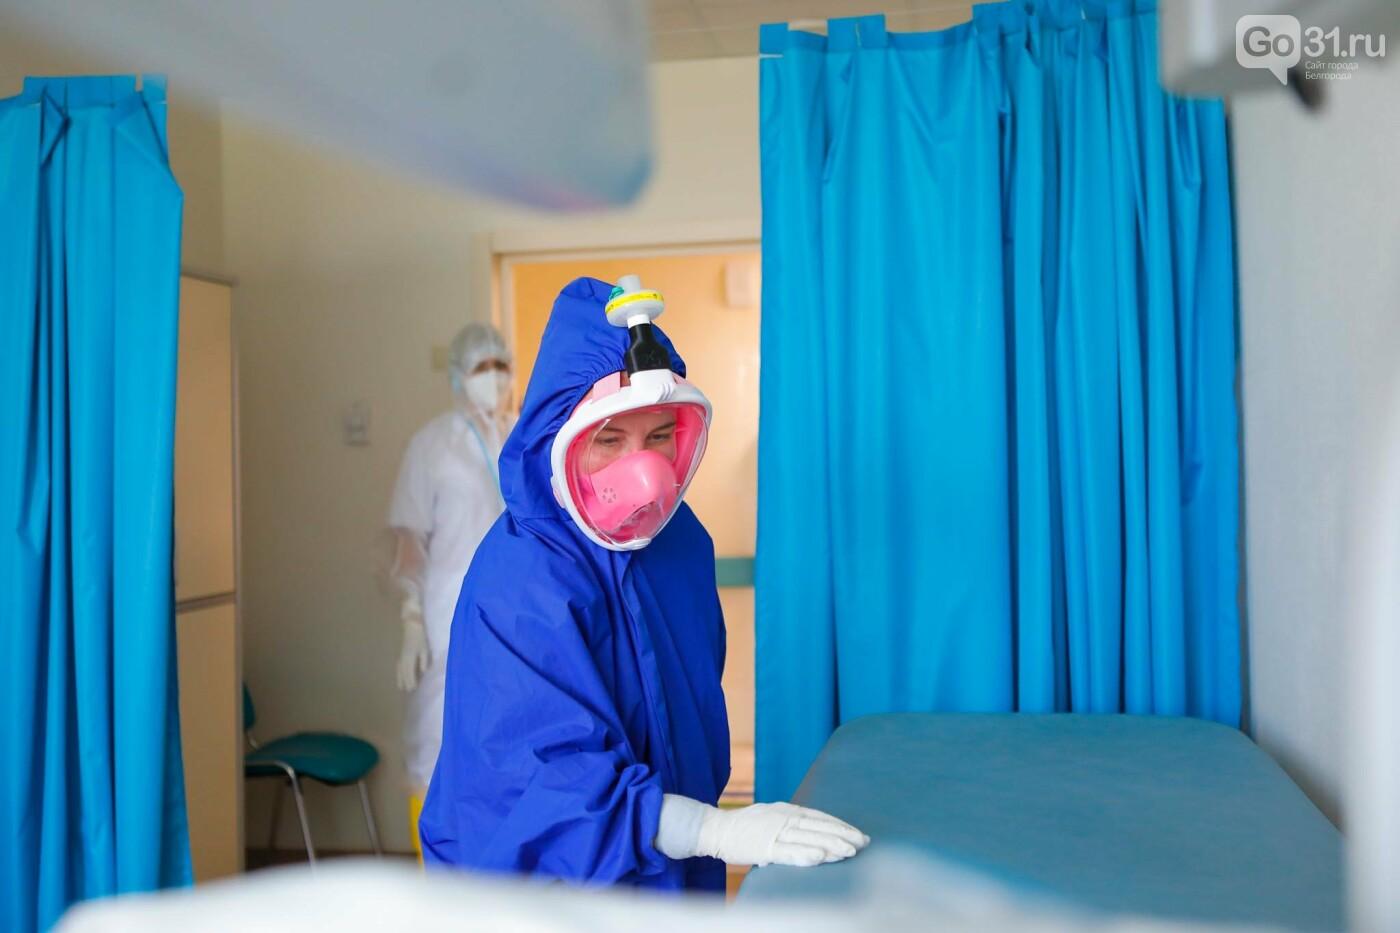 Что происходит в ковид-госпитале Белгорода. Фоторепортаж из «красной» зоны, фото-69, Фото: Антон Вергун